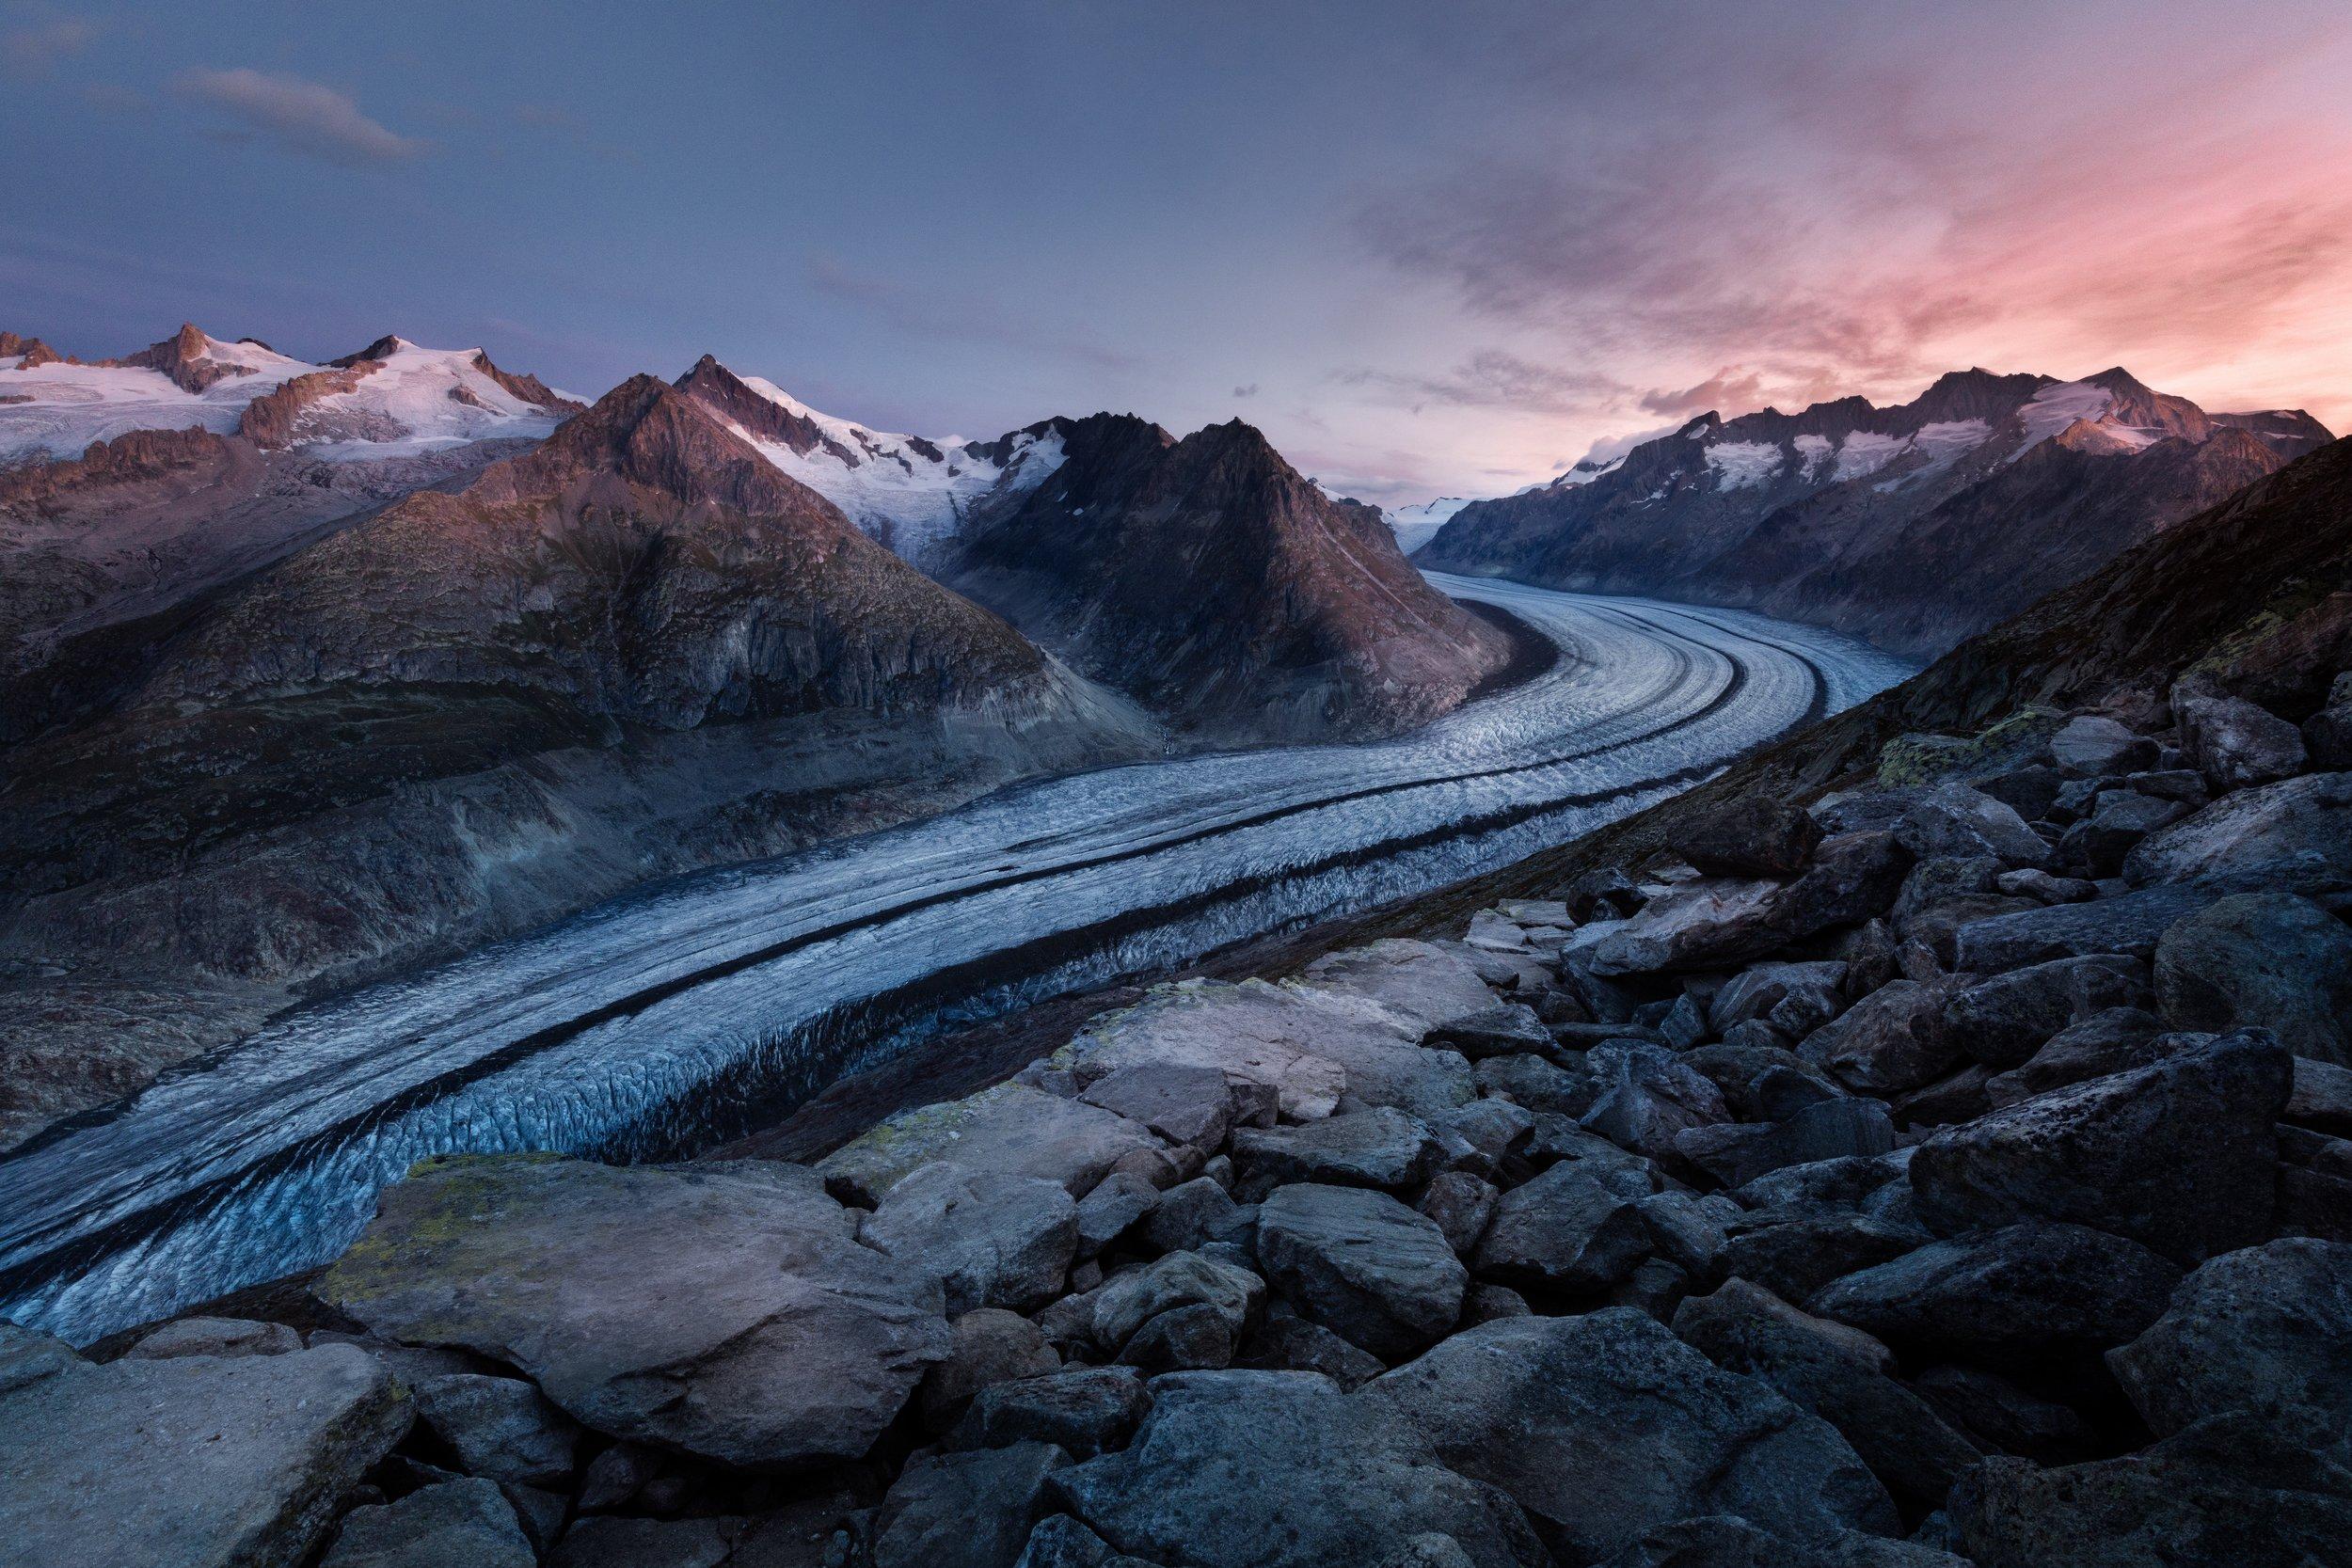 Aletschgletscher Glacier, Bettmeralp, Switzerland  ~ Photo by  Samuel Ferrara  on  Unsplash